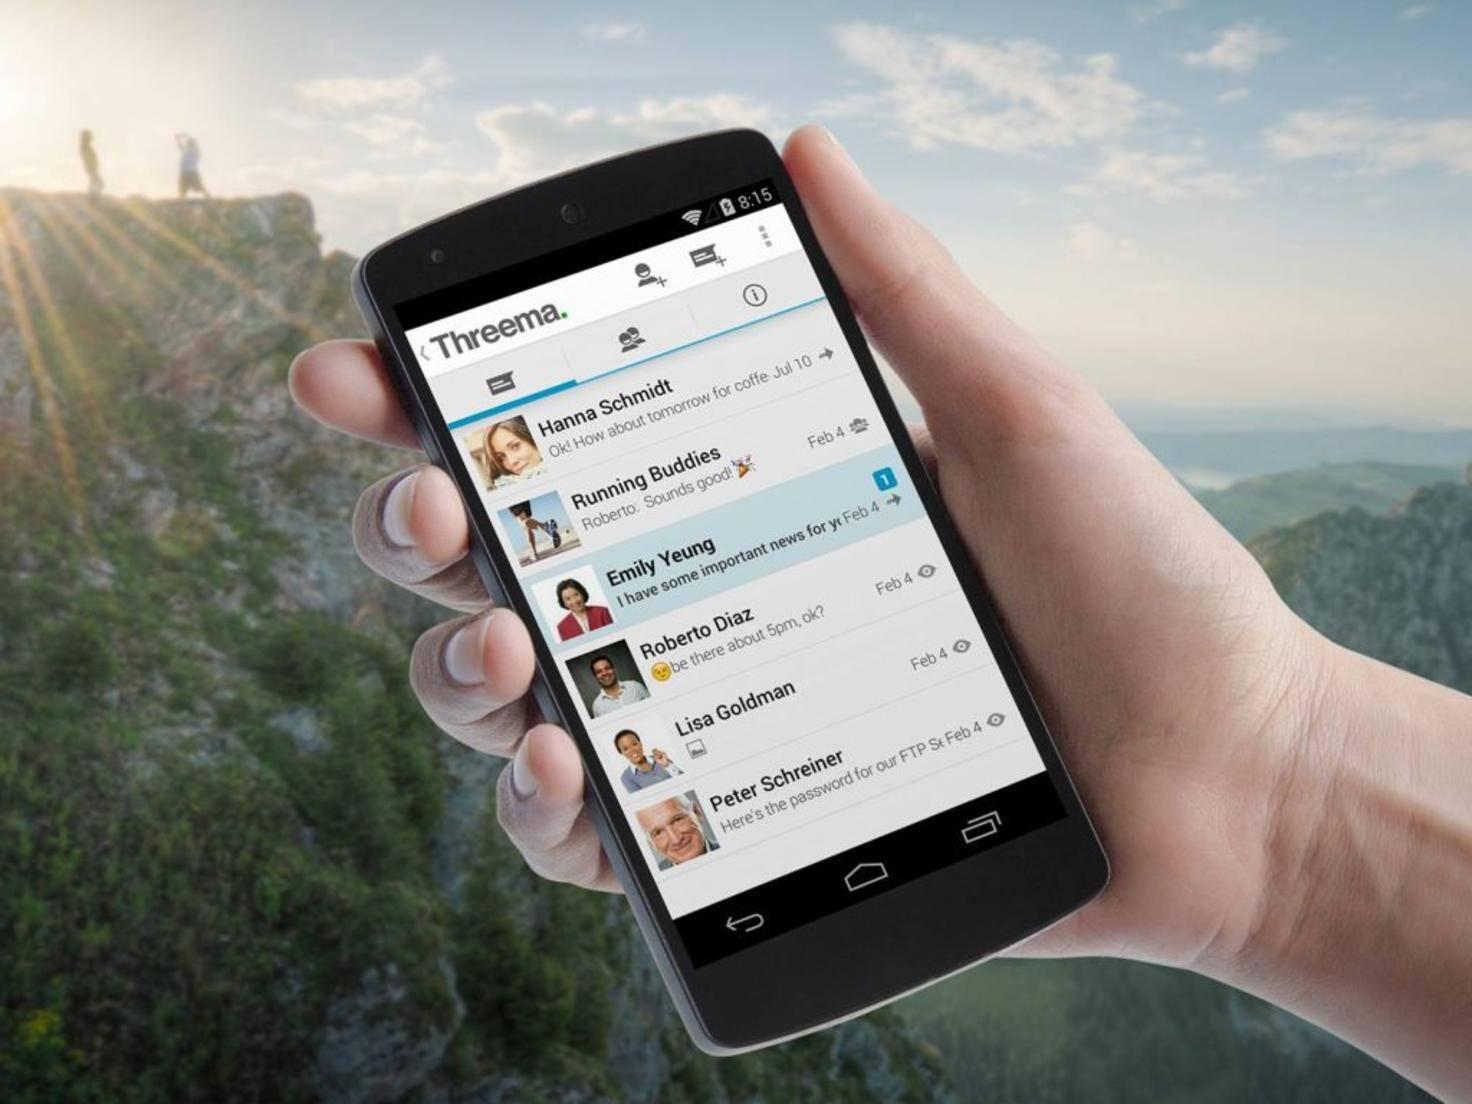 Hat WhatsApp bald ausgedient? Threema ist auf Platz 2.